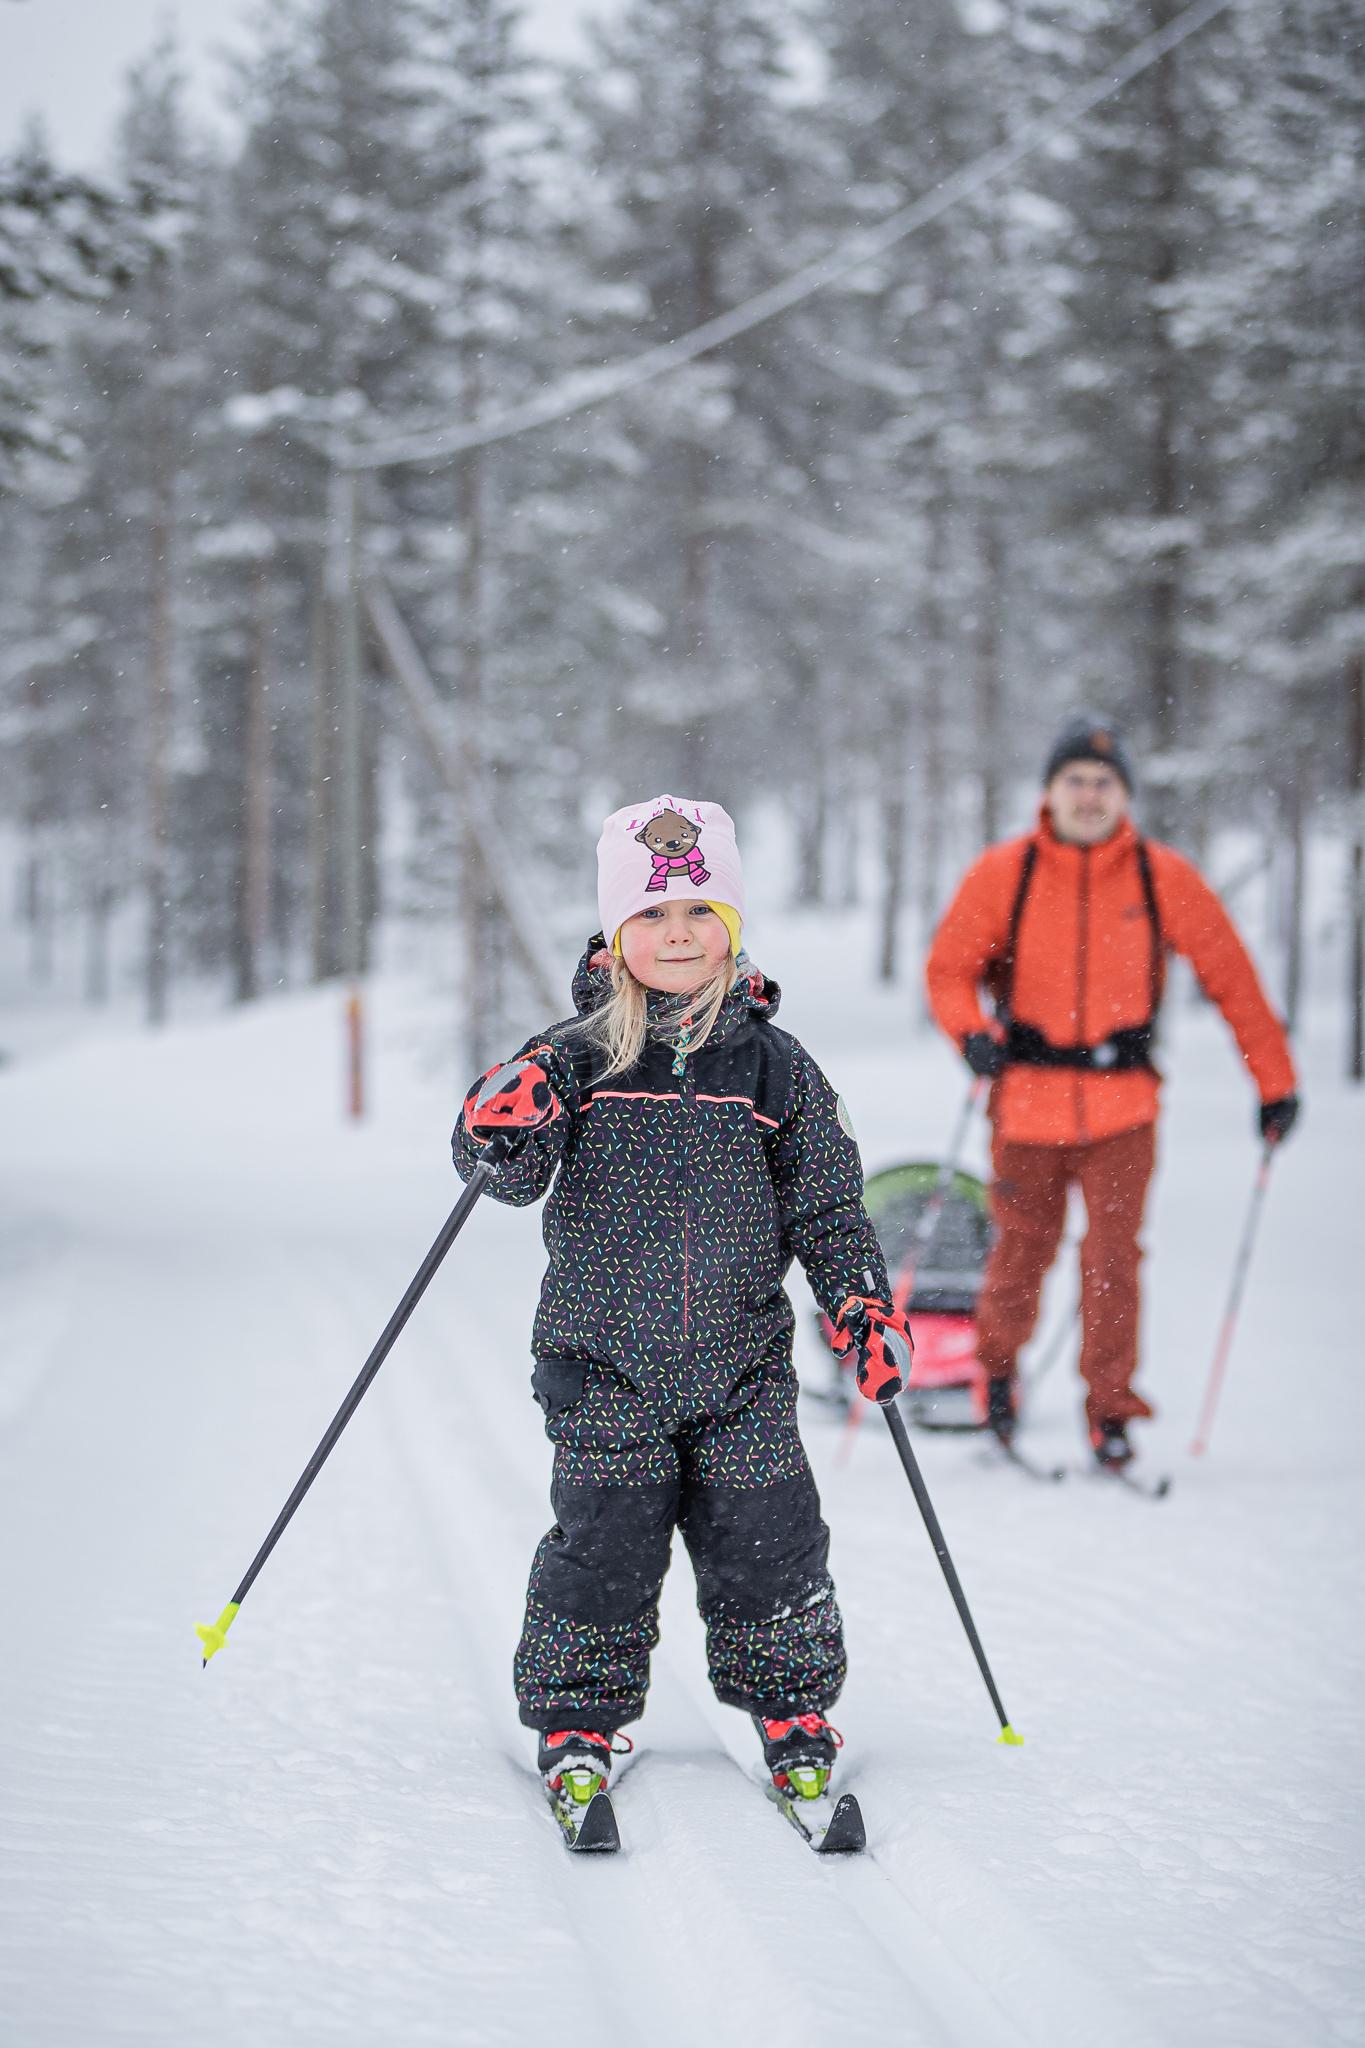 Levi_Ski_Resort_2020_Winter©PTB-Creative_WebRes-47